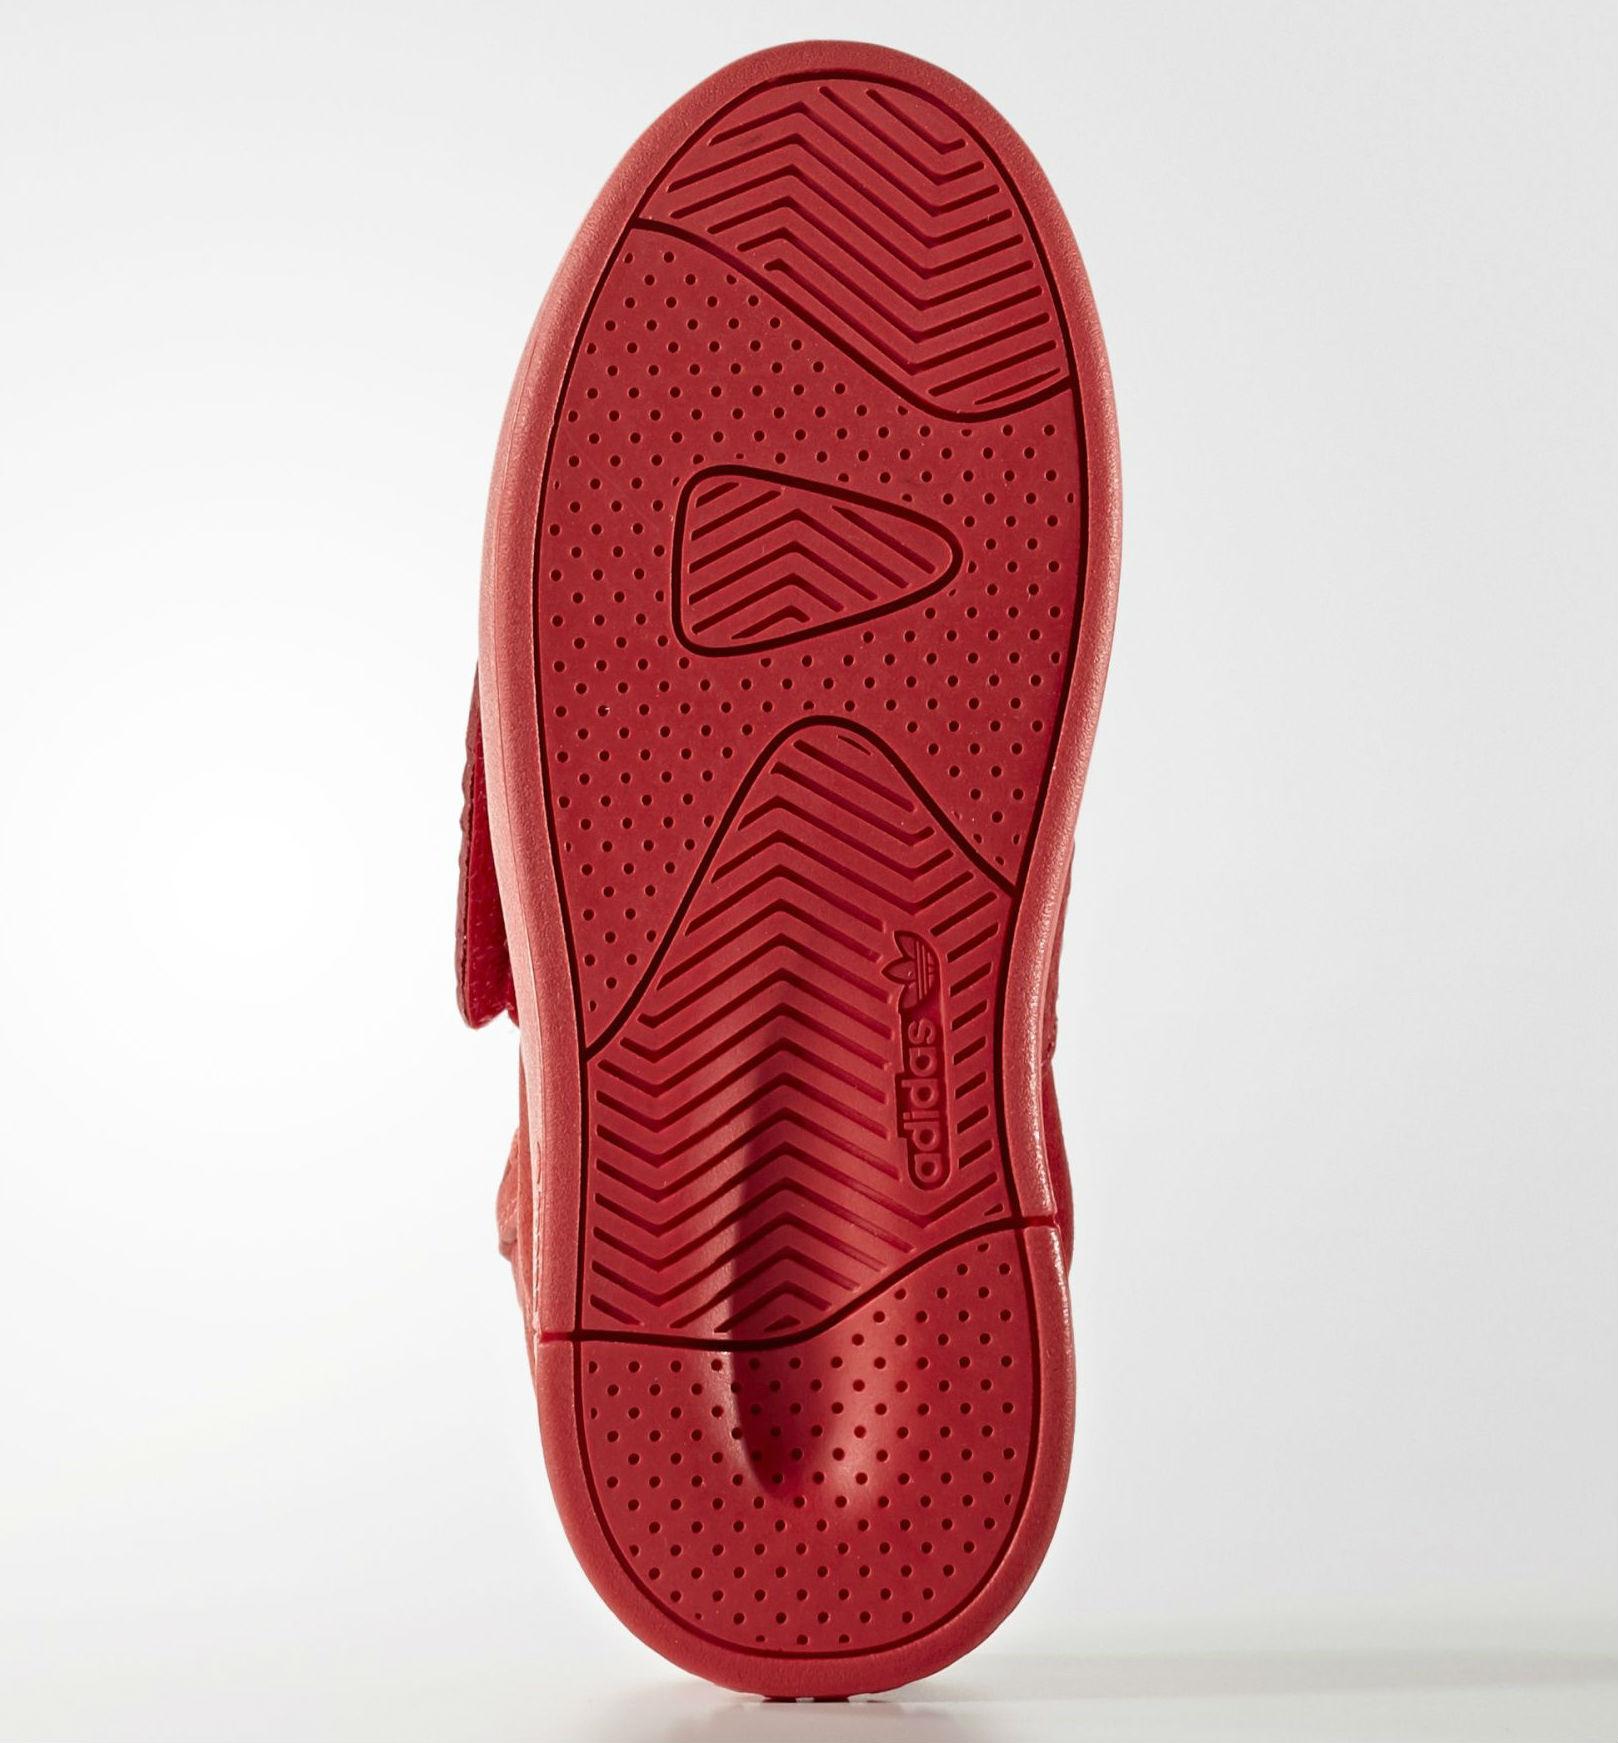 adidas-Tubular-Invader-Red-October-5